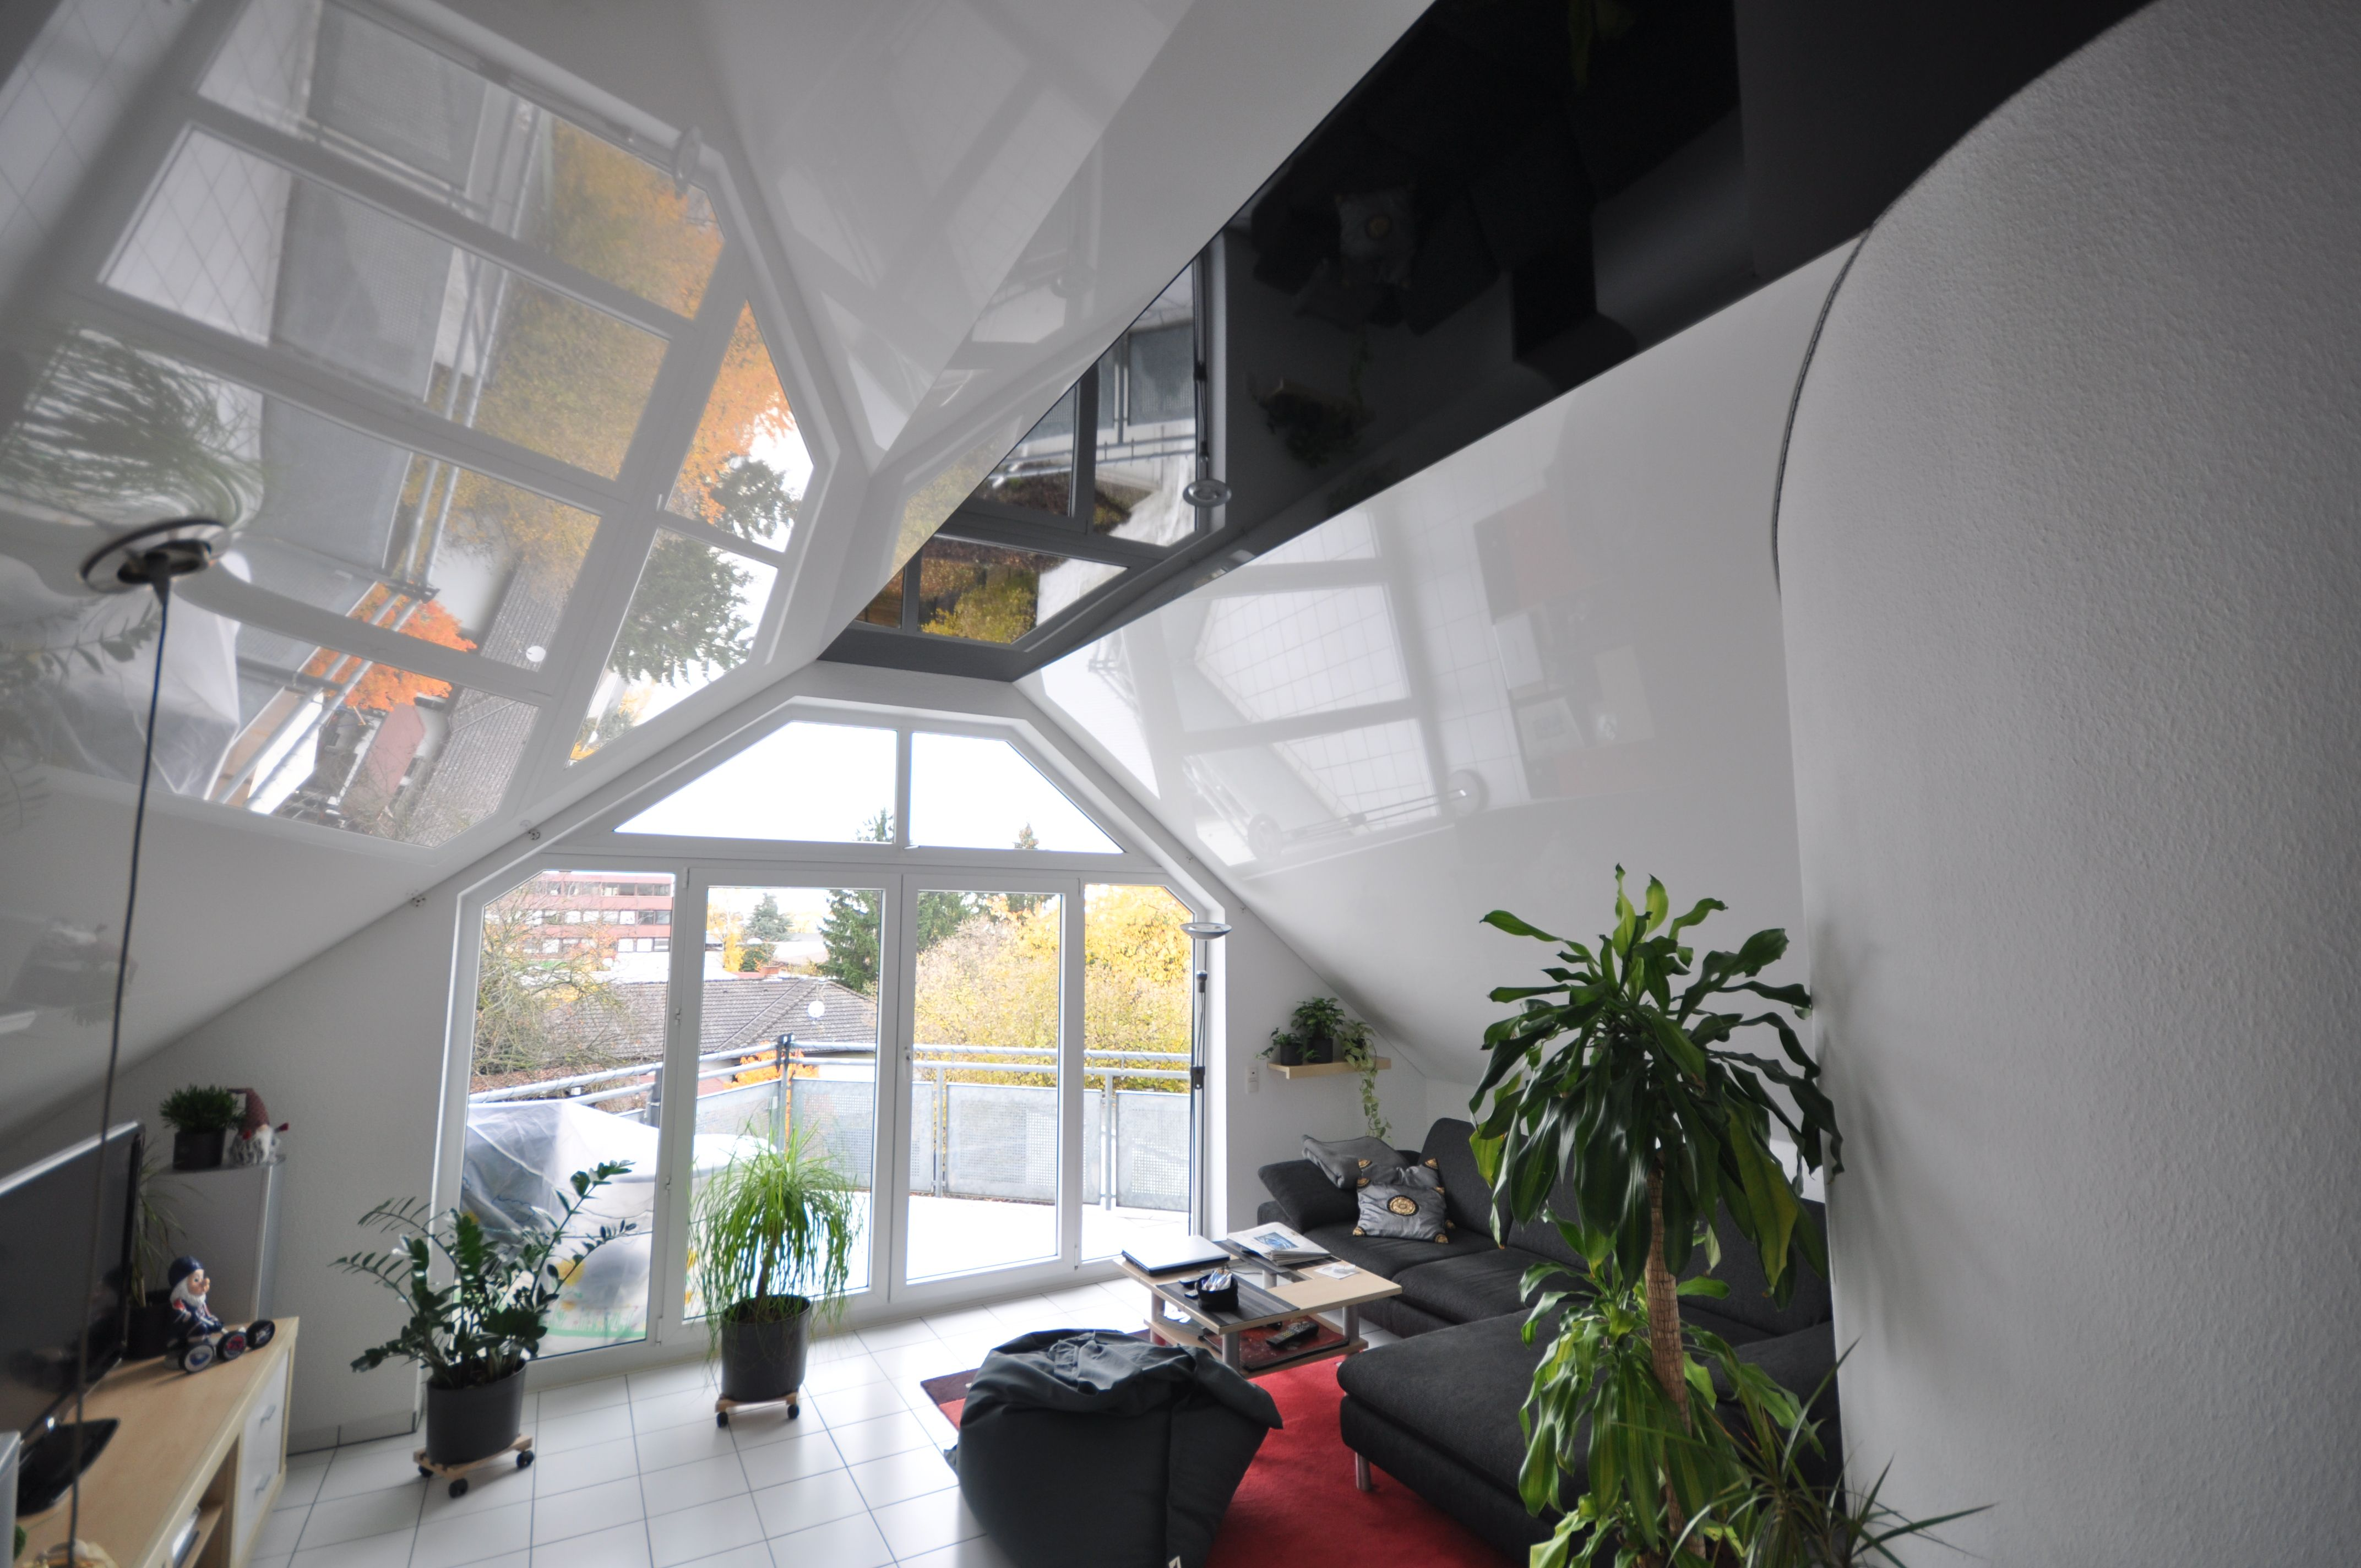 Wohnzimmer Renovieren ~ Spanndecke schwarz und weiß hochglanz in der dachschräge#wohnzimmer